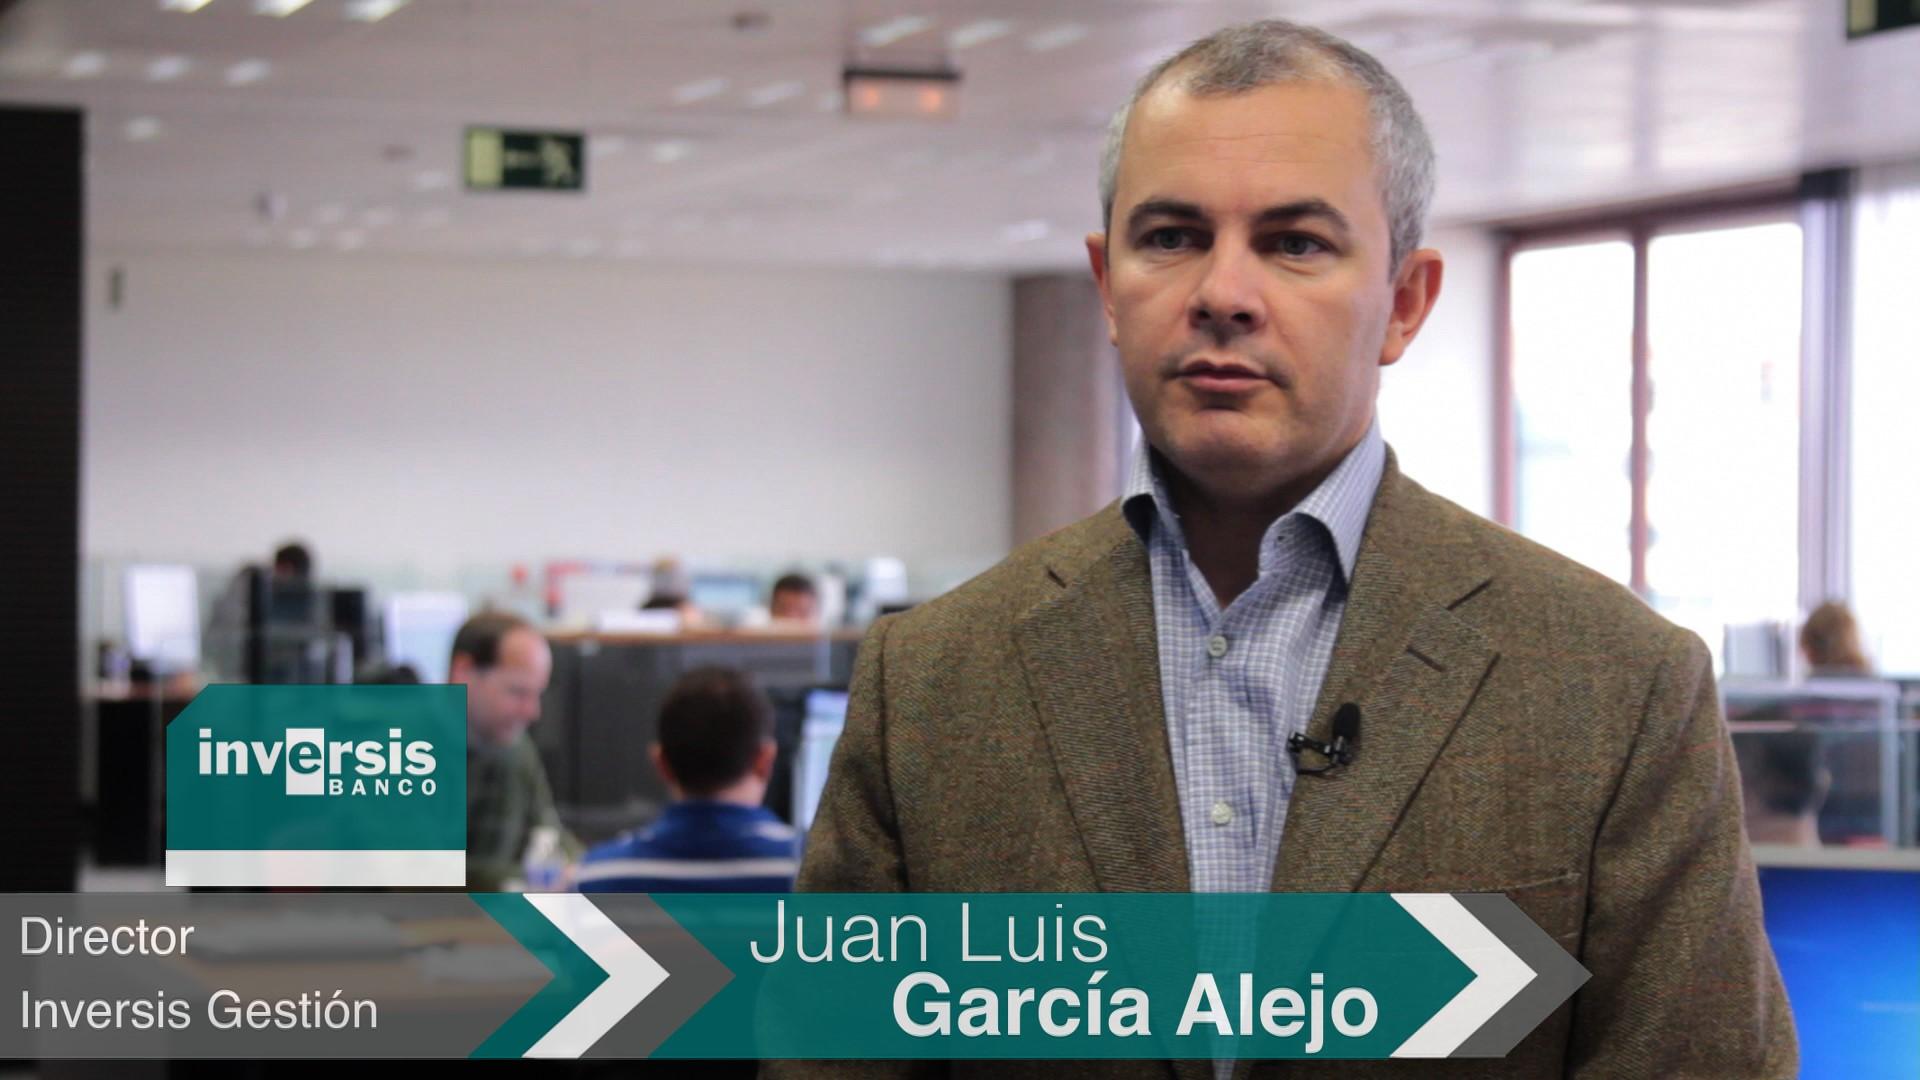 """García Alejo: """"El Supervisor Único ayuda a que la seguridad y confianza en los bancos quede asentada"""""""